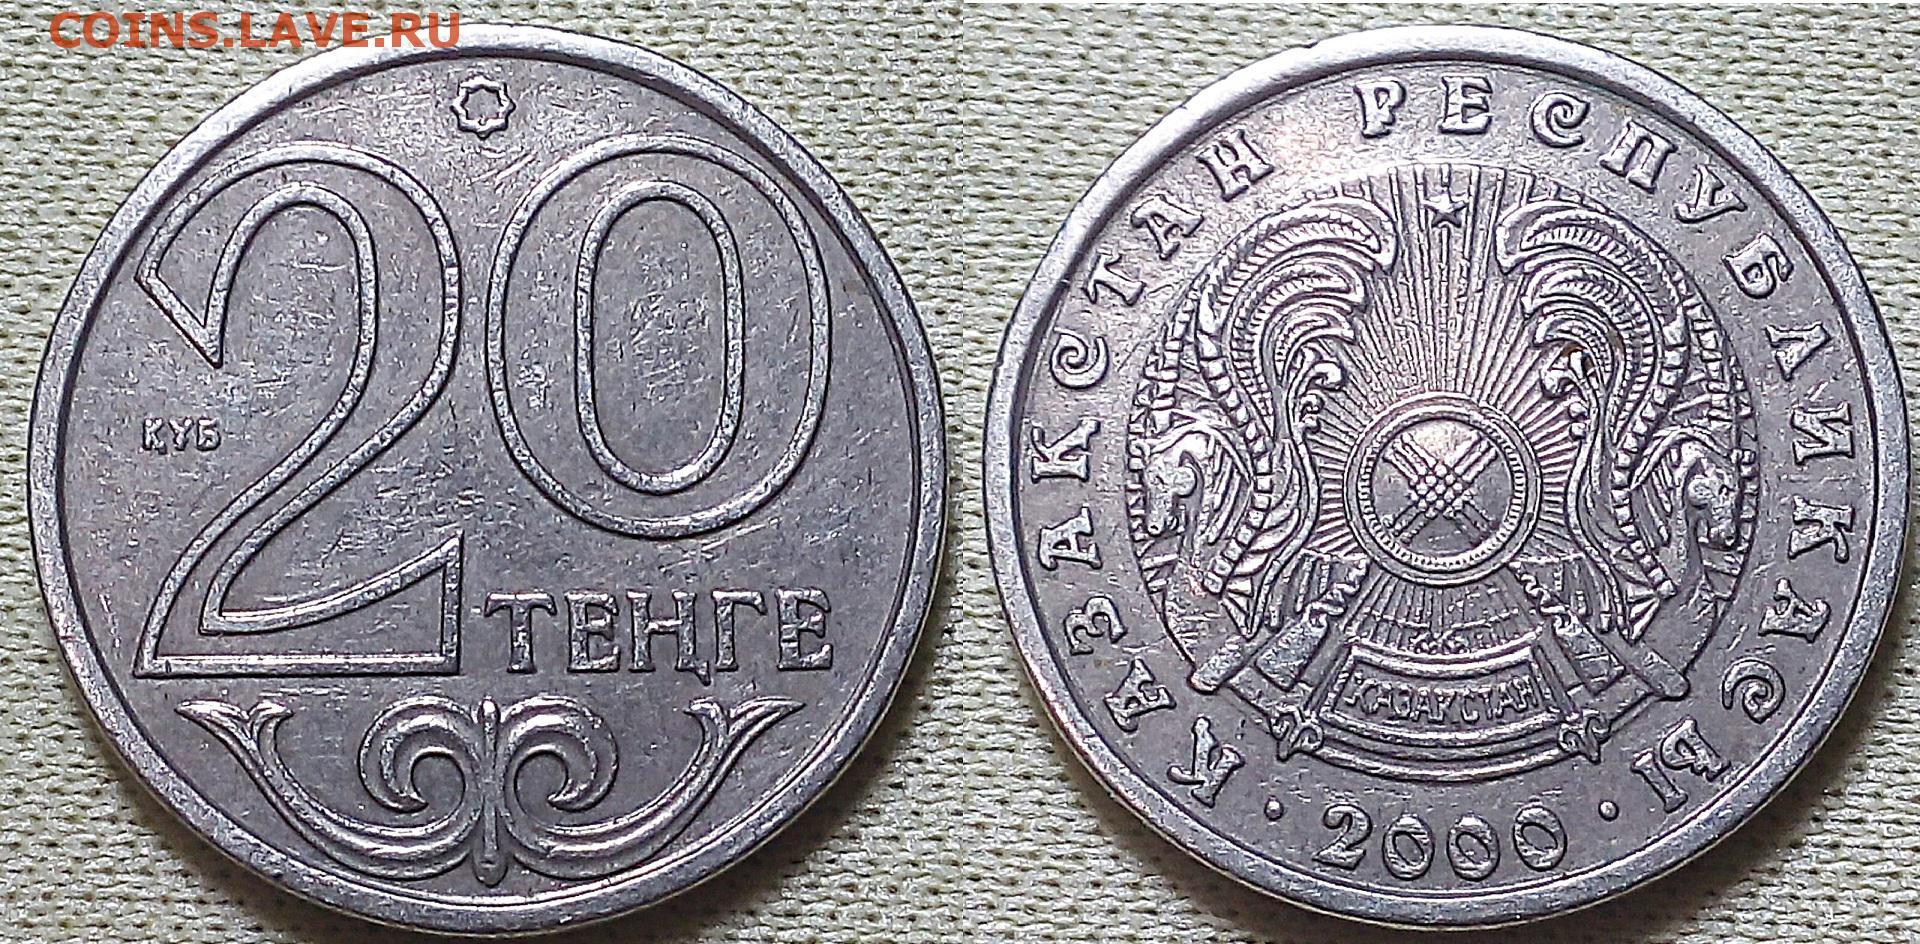 20 тенге 2010 года цена в рублях наборы монет 2016 года